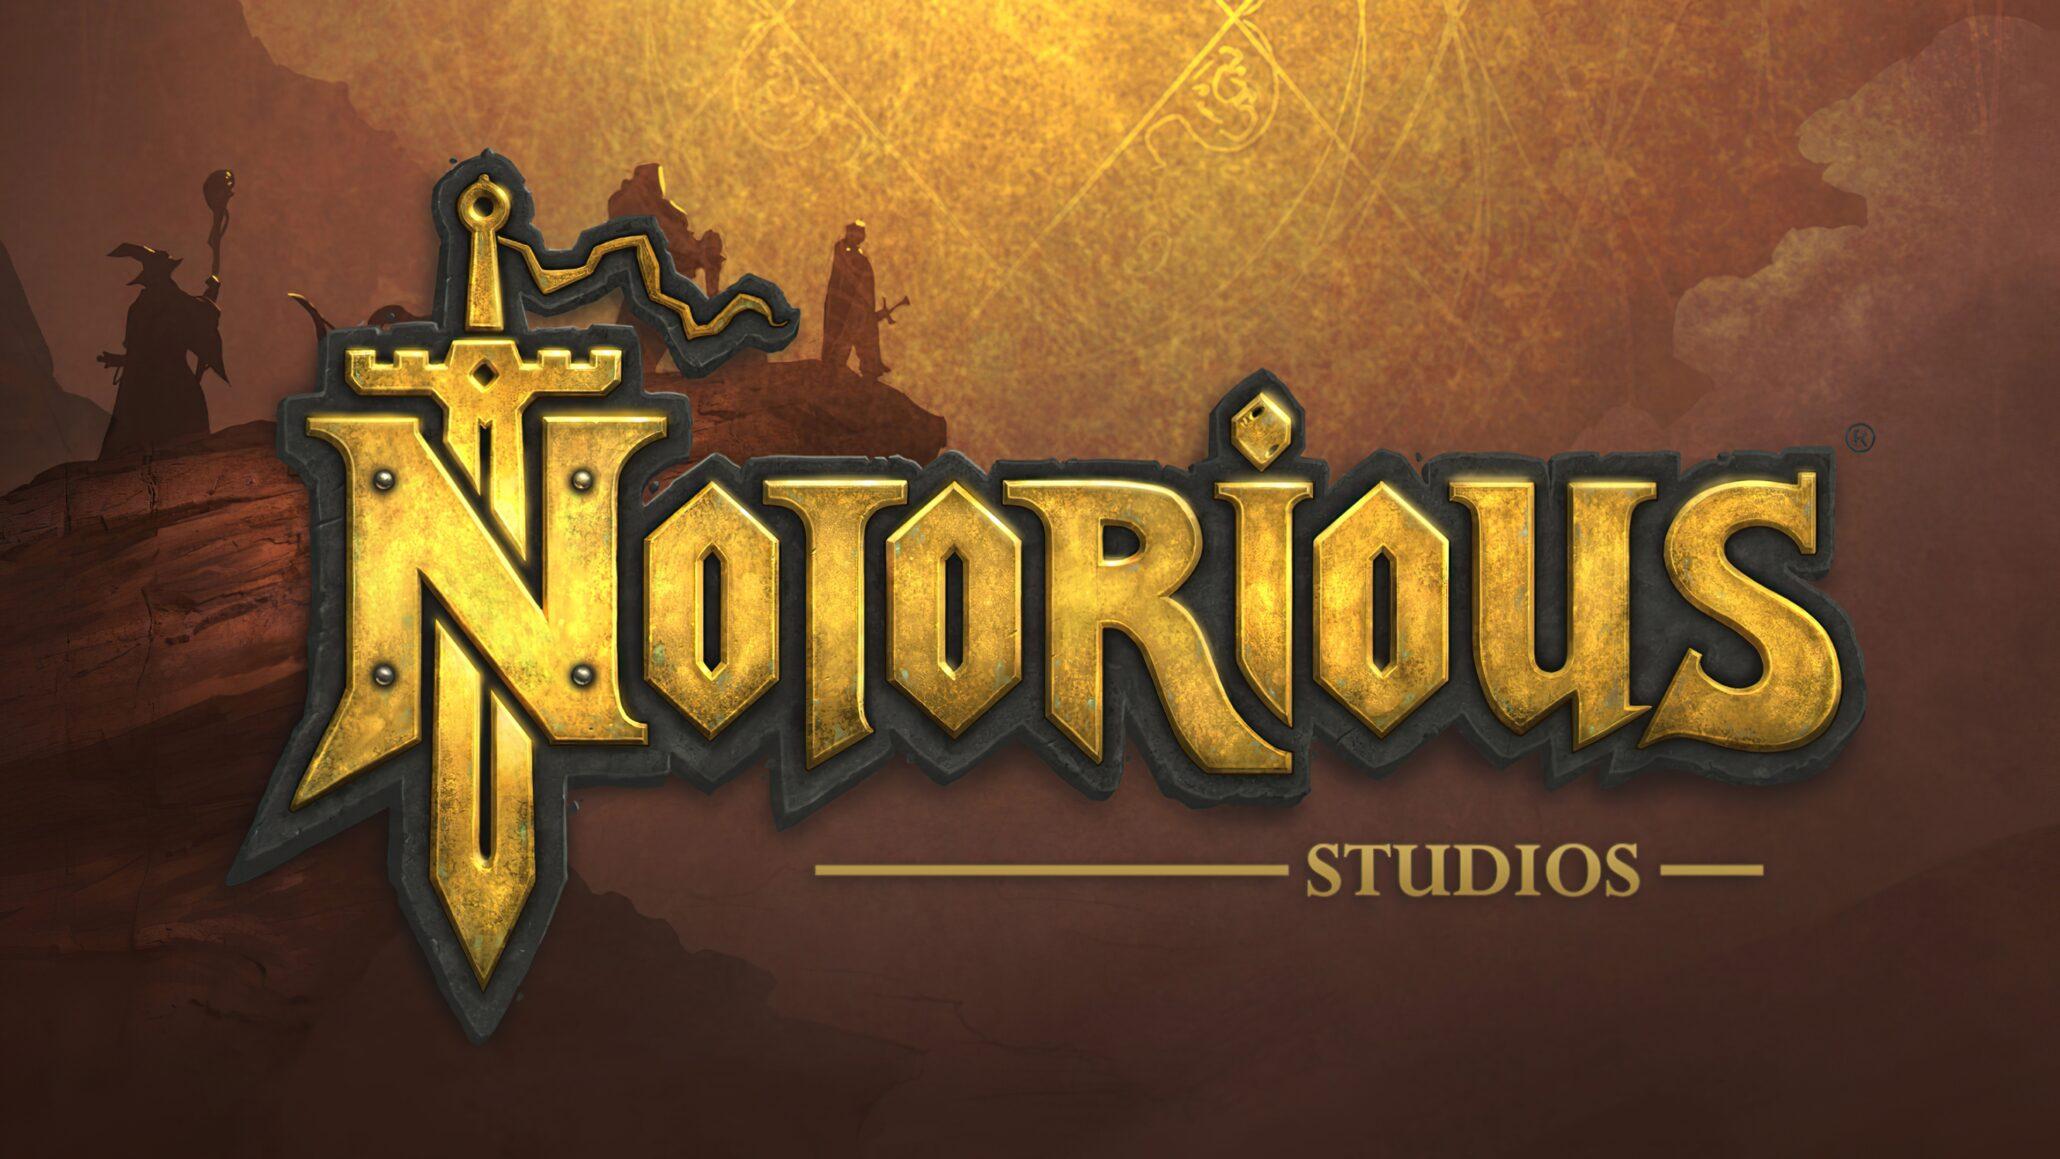 Notorious Studios, основанная бывшими разработчиками WoW, хочет создать новую фентезийную многопользовательскую RPG